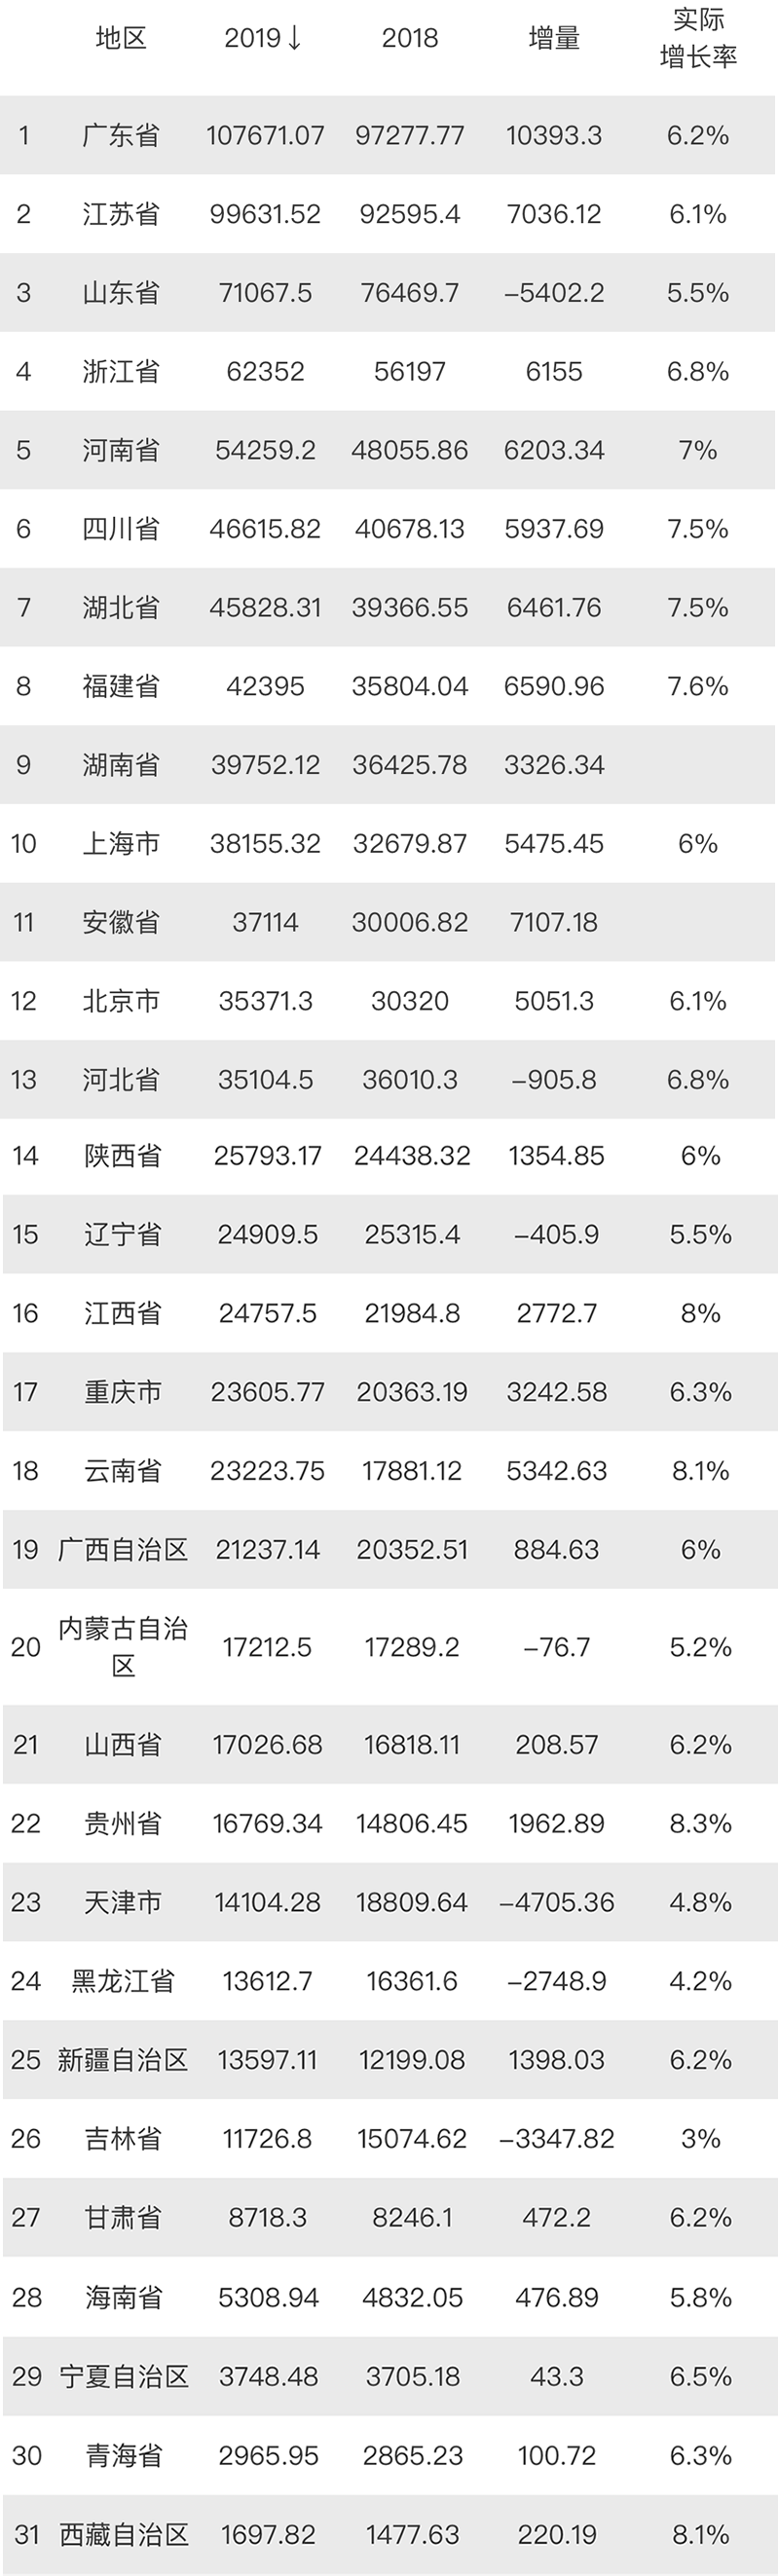 2019年南昌、赣江、九江、宜春、鹰潭、上饶等江西省各市GDP分享